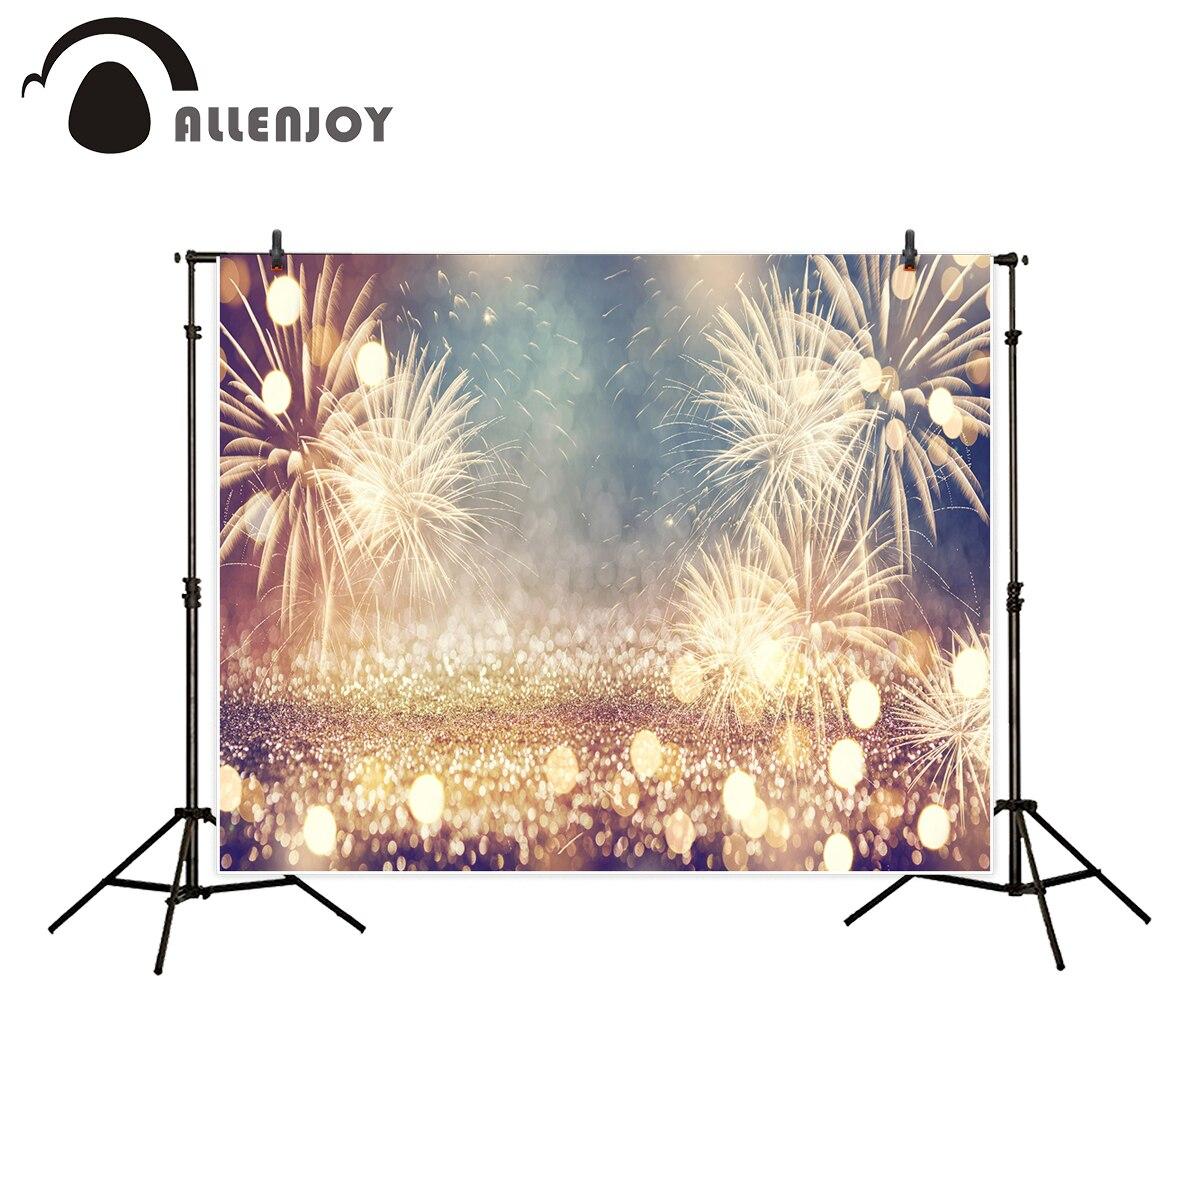 Allenjoy de photographie vintage or feux d'artifice bokeh nouvel an eve fond photo studio nouveau design caméra fotografica